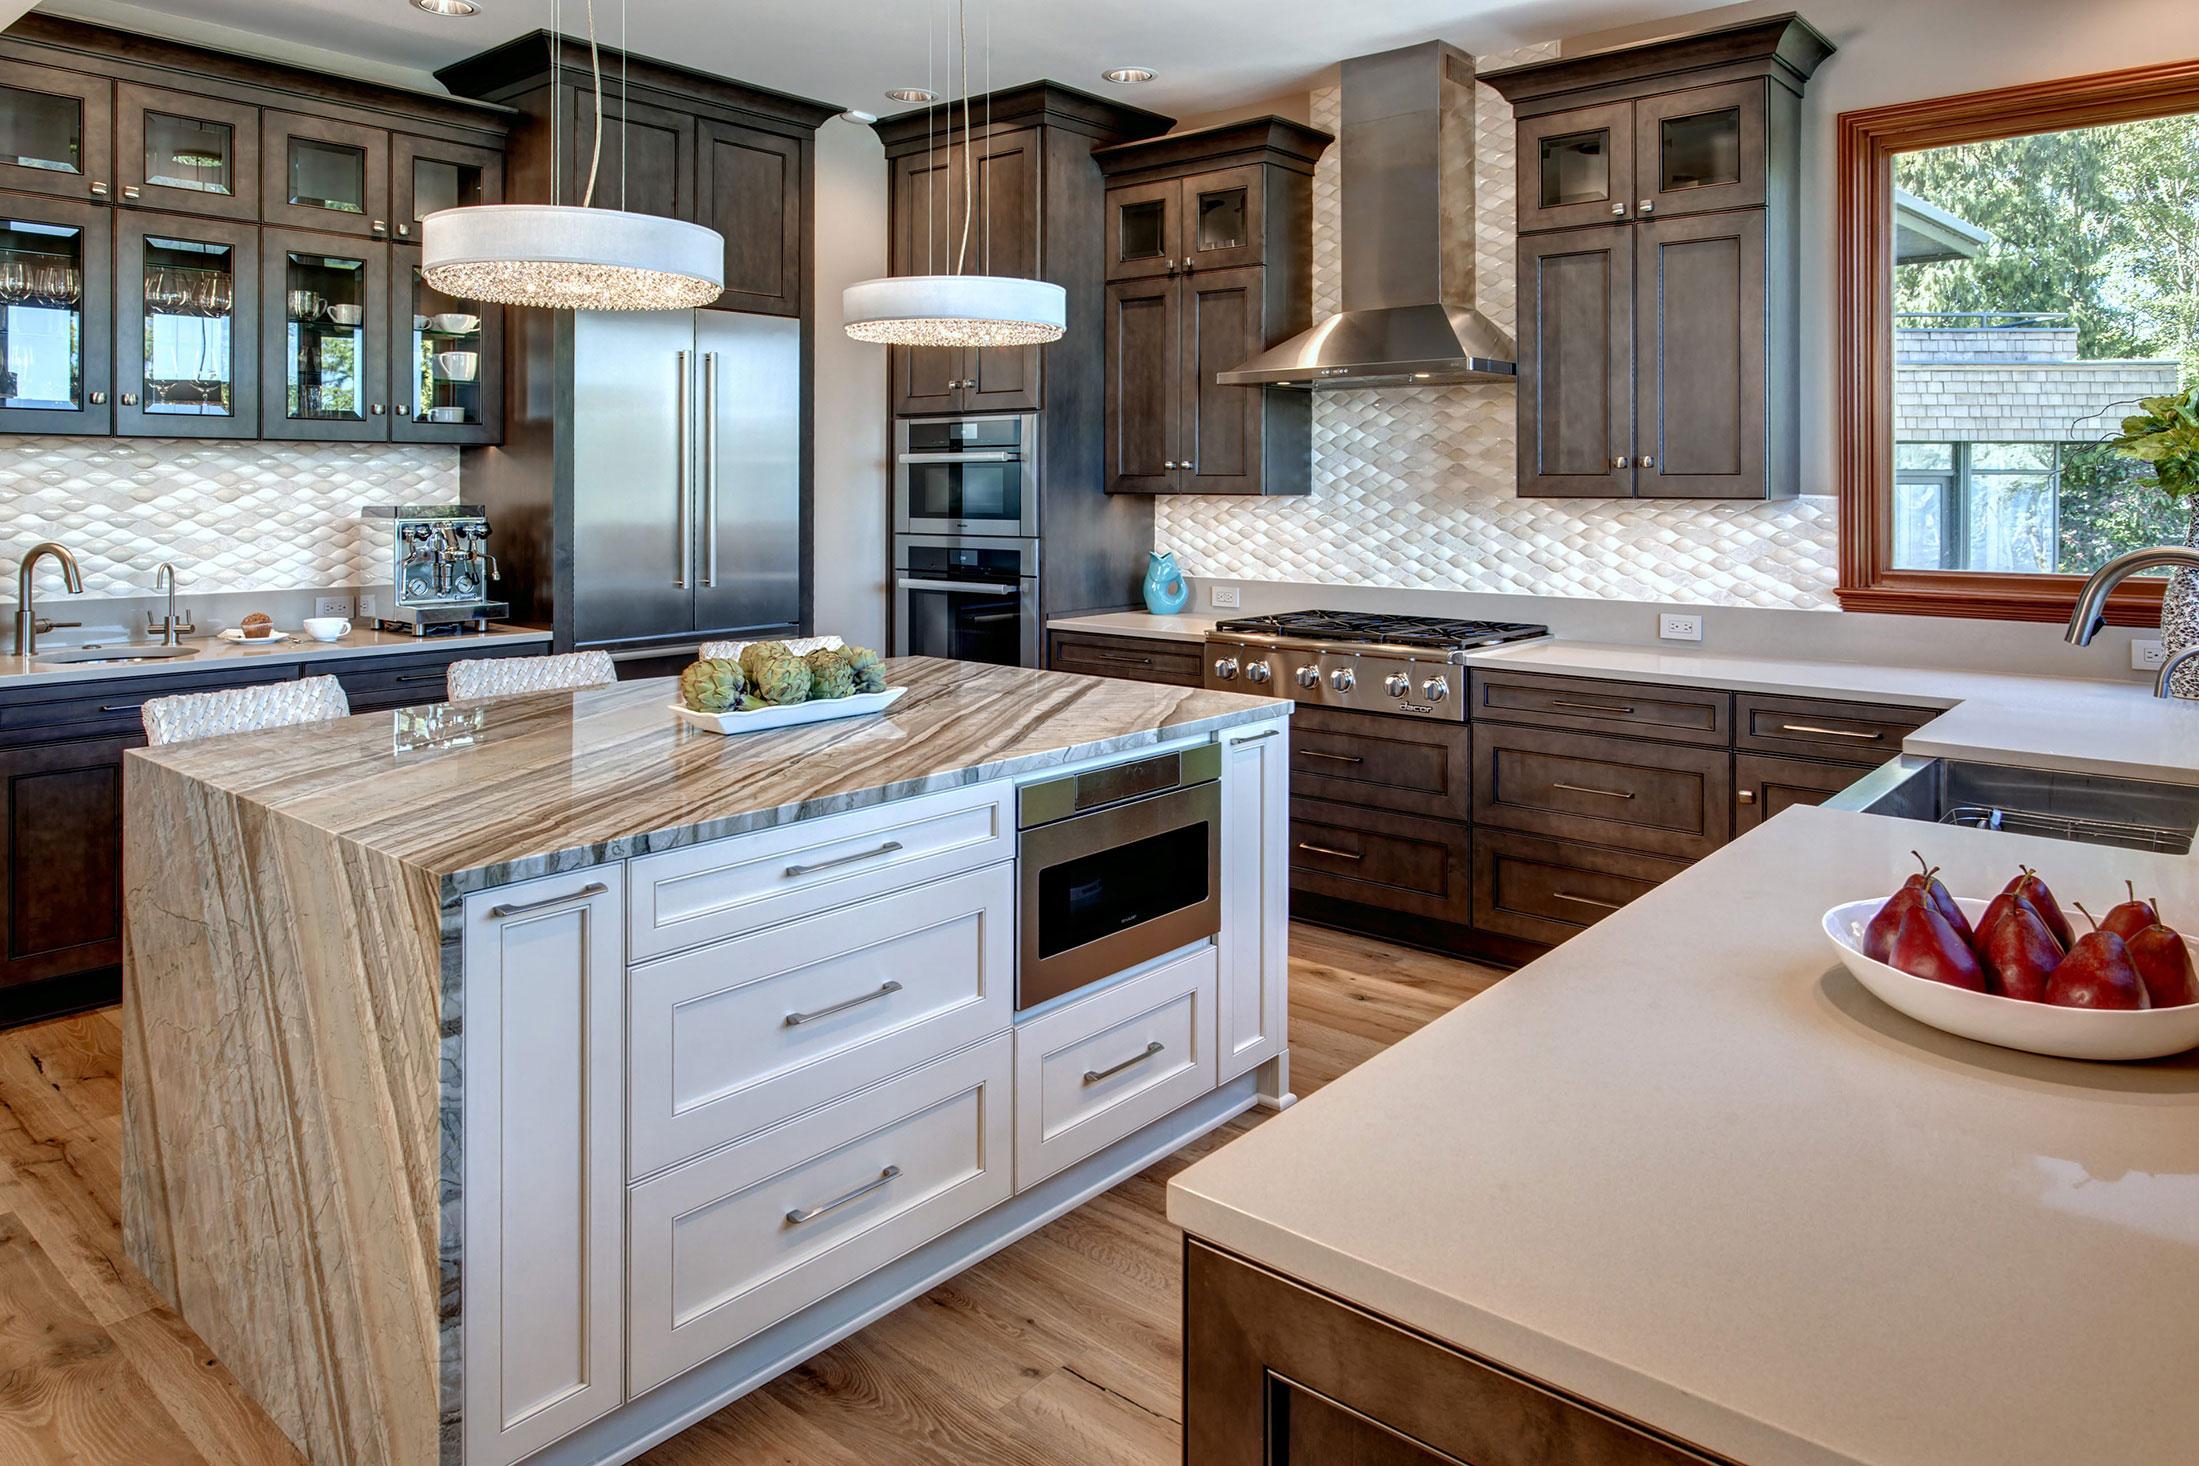 kitchen1-min